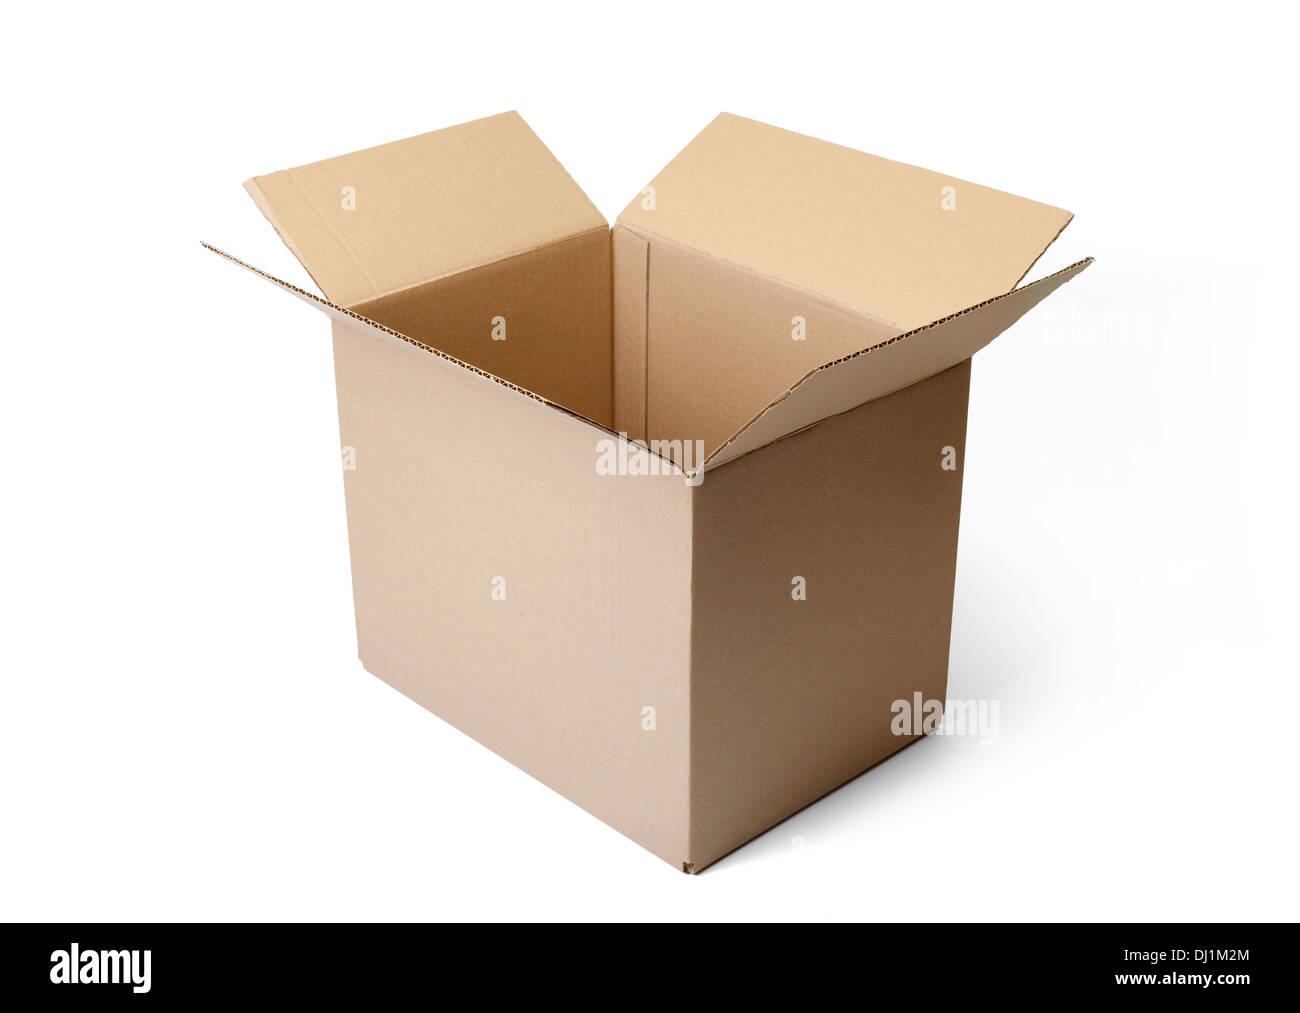 Corrugated cardboard box isolated on white background. - Stock Image